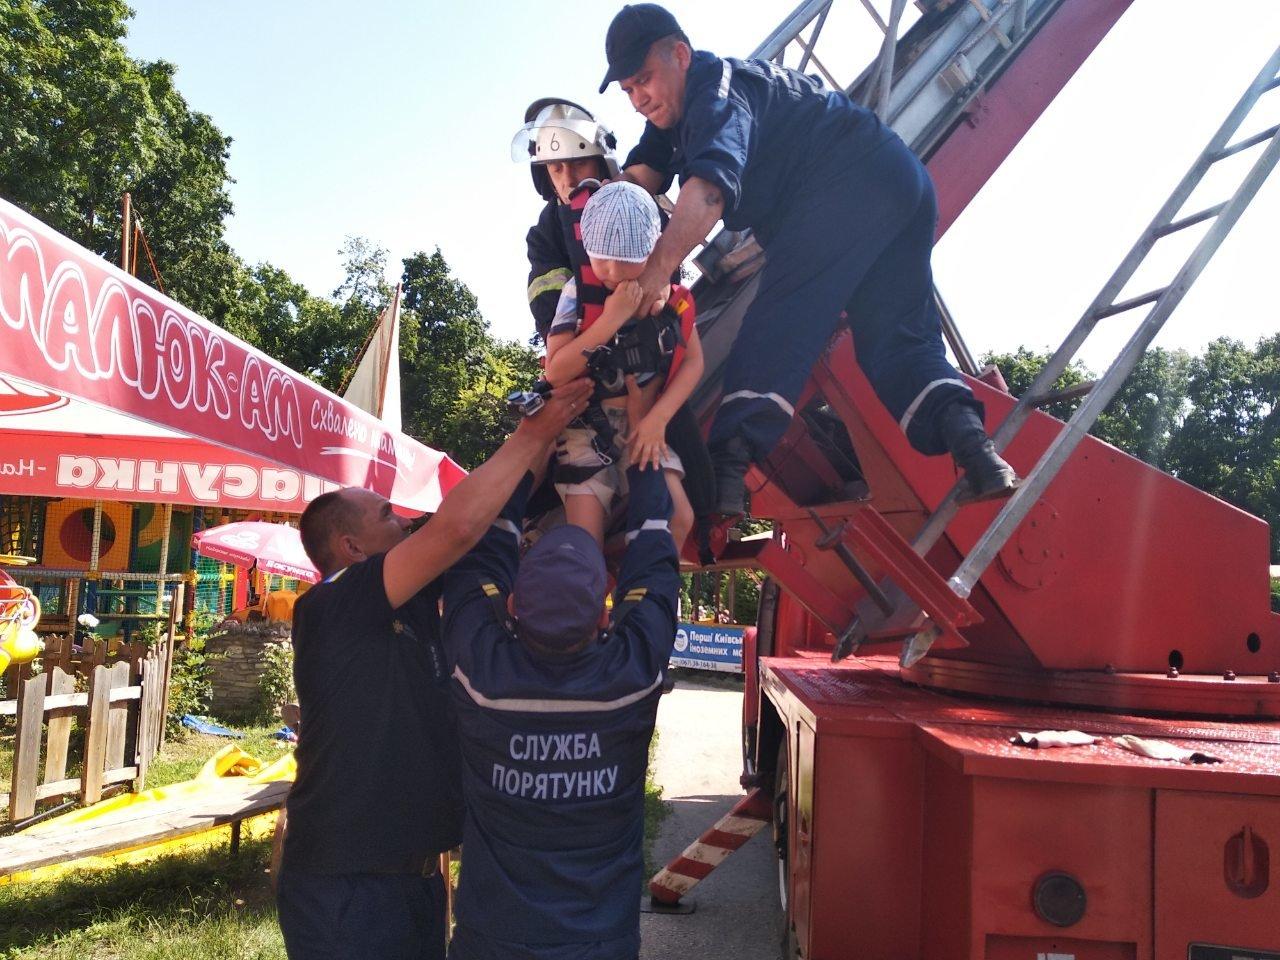 У Кам'янці-Подільському рятувальники евакуювали людей із оглядового колеса, фото-3, Фото: ГУ ДСНС України у Хмельницькій області